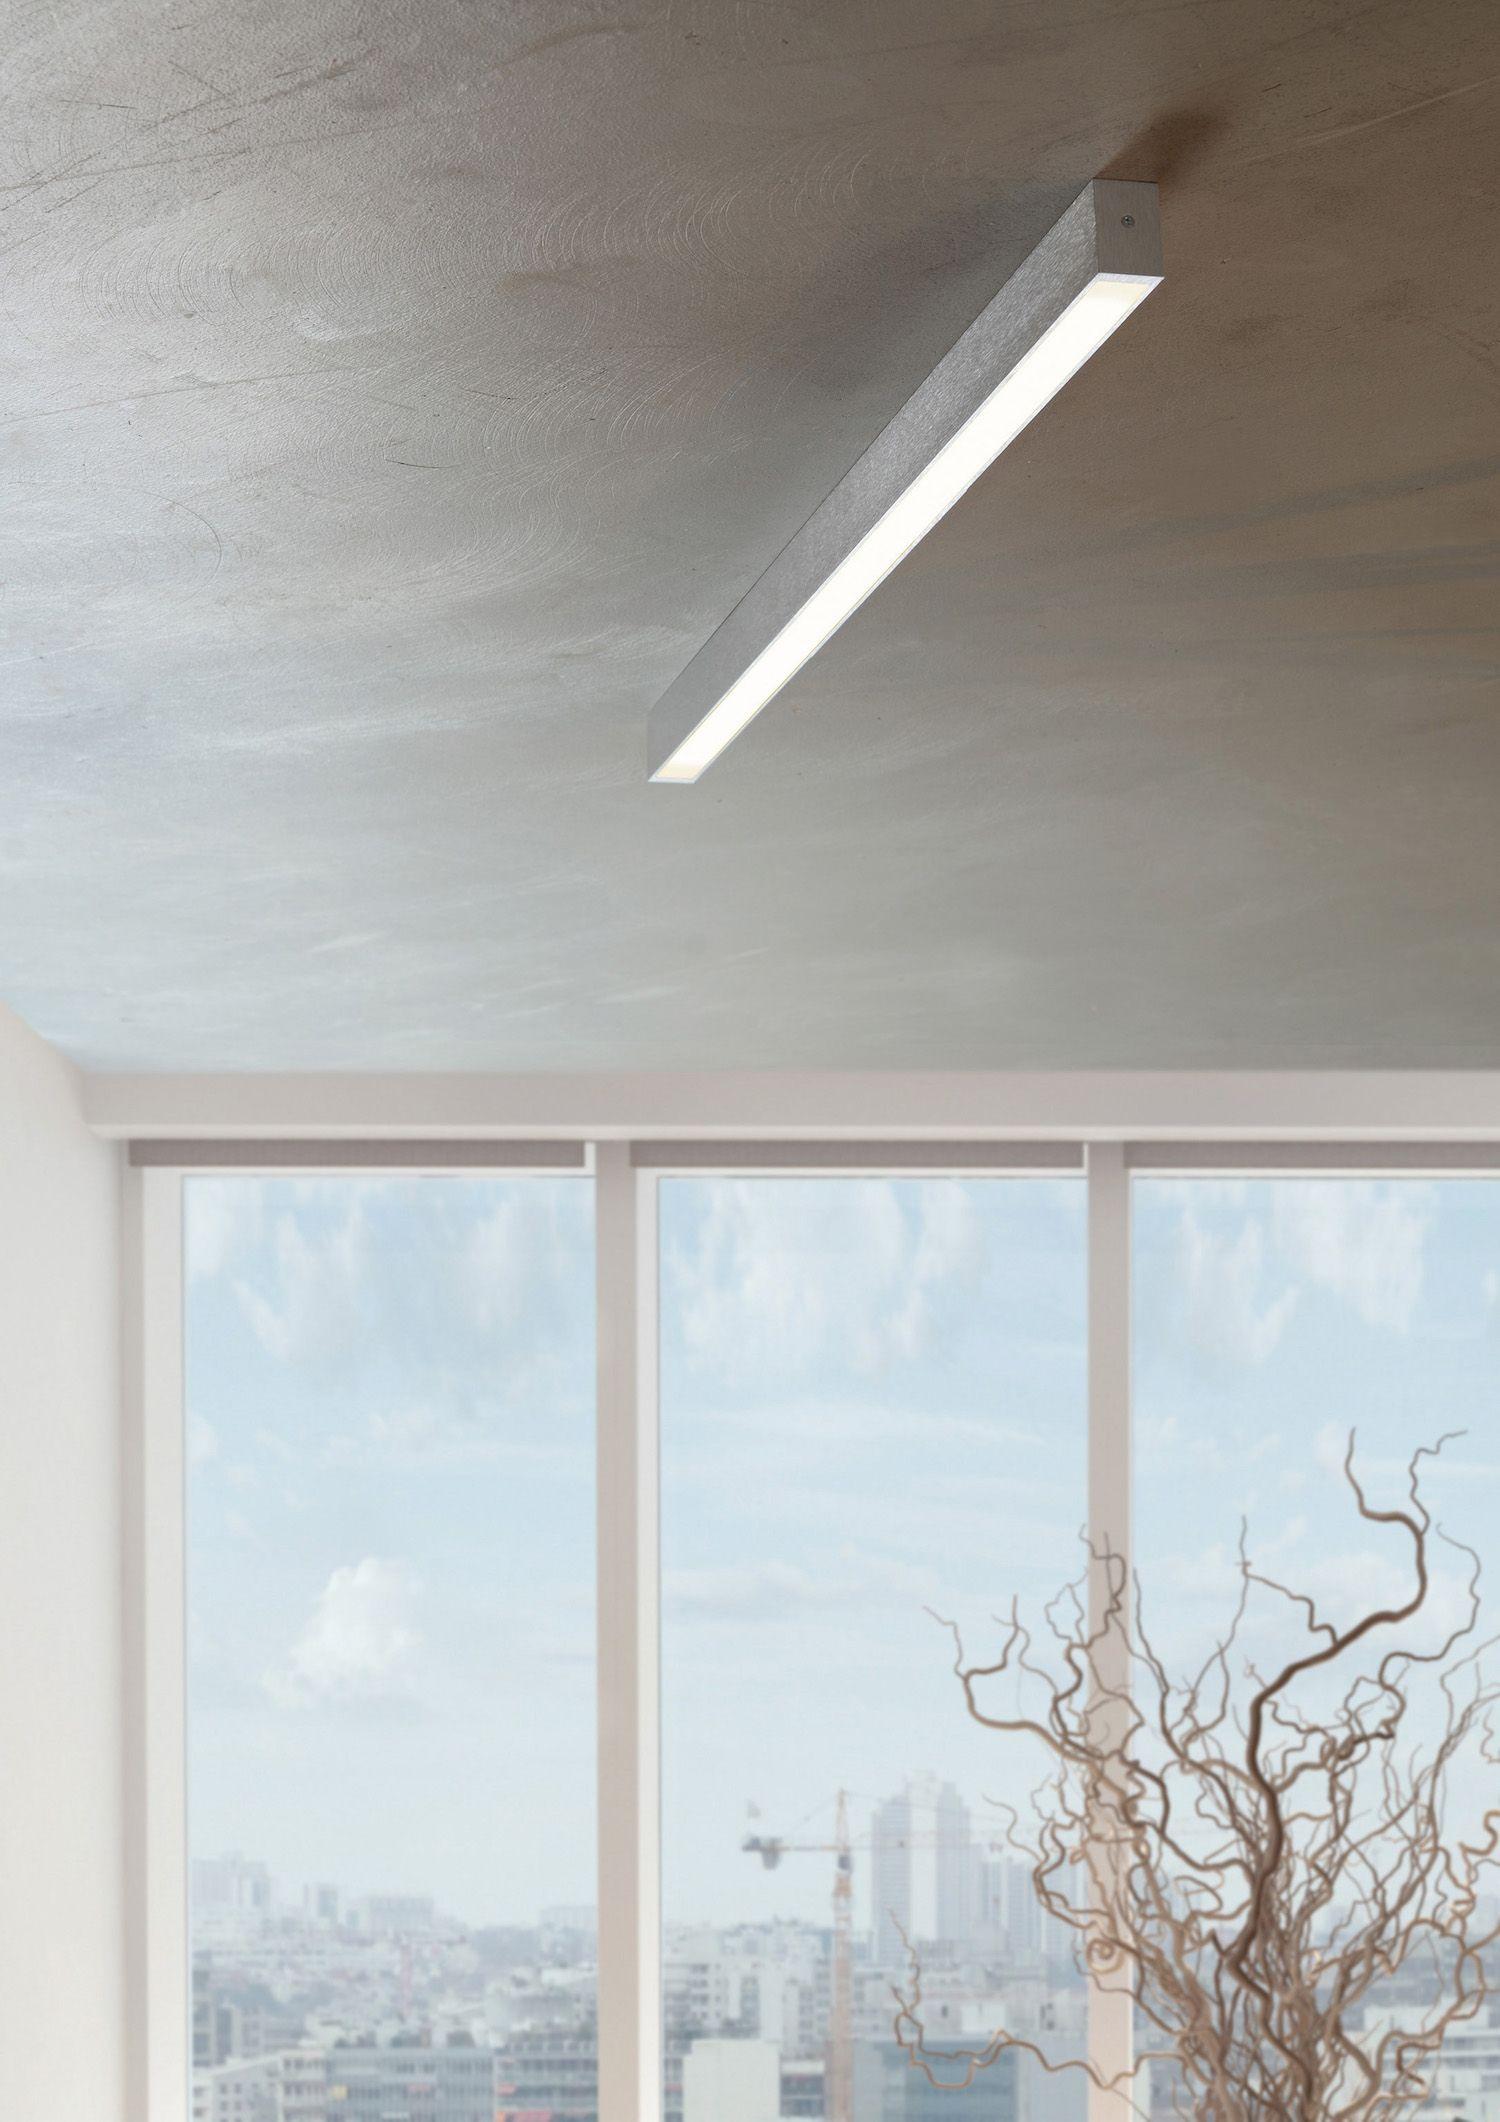 Follox 1 Ceiling Deckenleuchten Lineare Beleuchtung Led Deckenleuchte